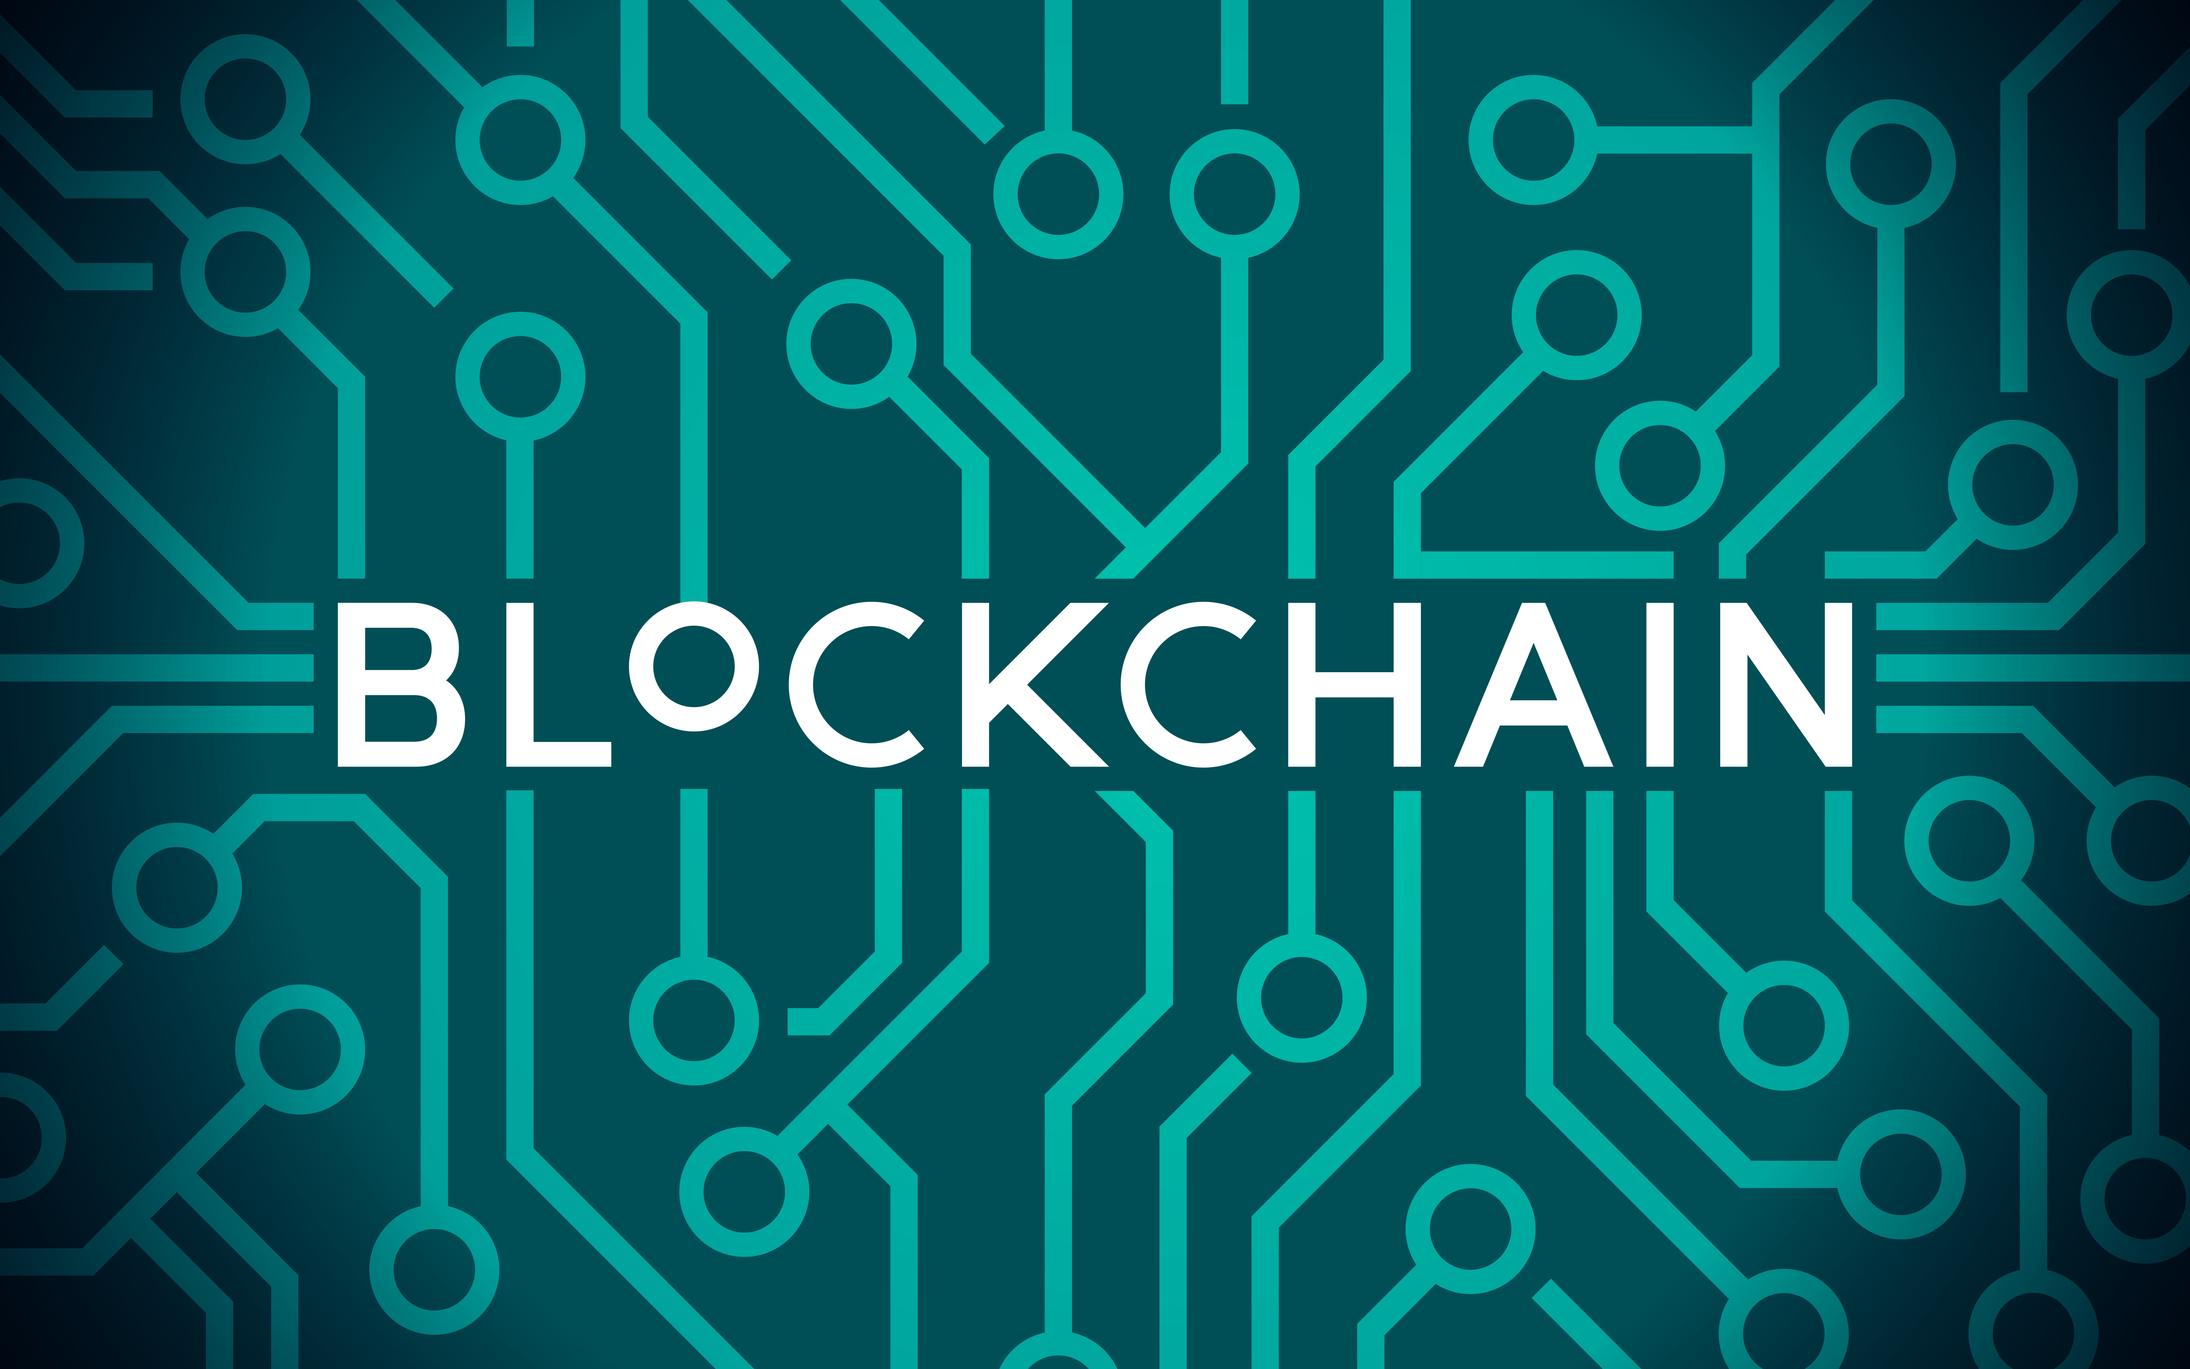 Blockchain computer circuit board concept.